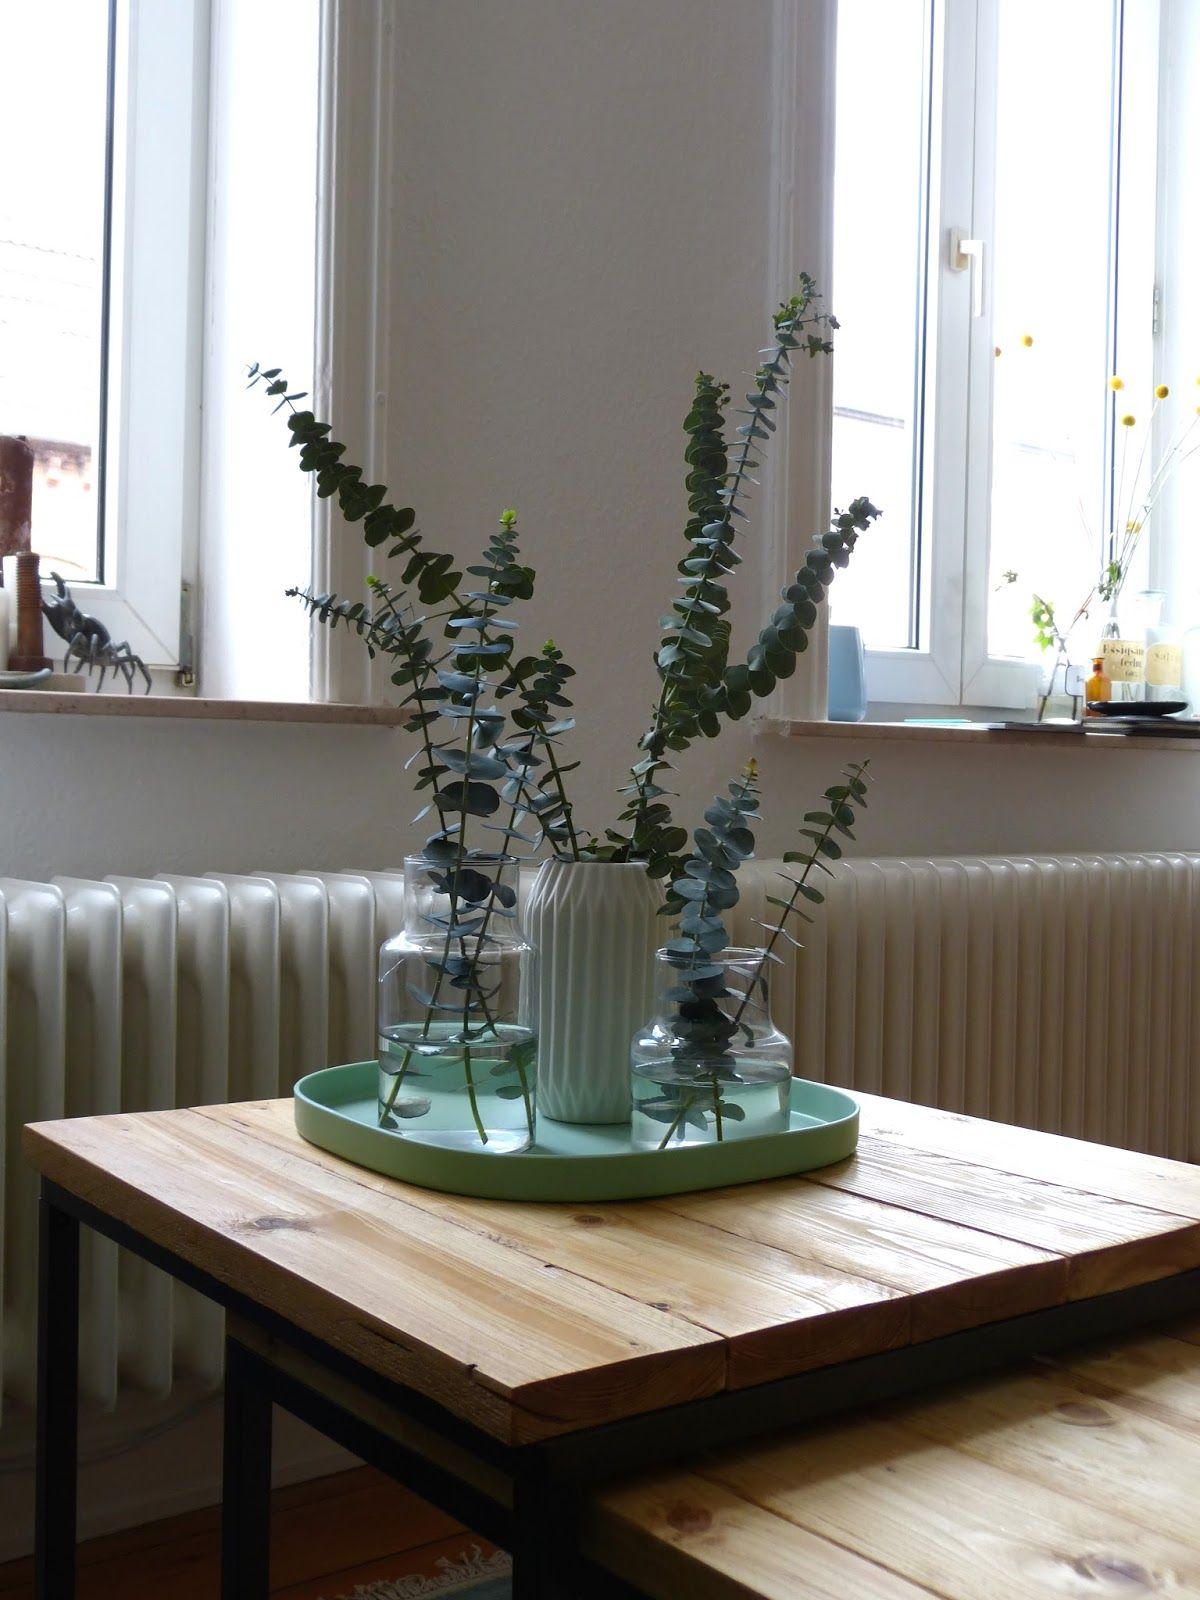 Ikea Hack Satztische Im Altholz Look Mintundmeer Ikea Couchtisch Do It Yourself Couchtisch Do It Yourself Mobel